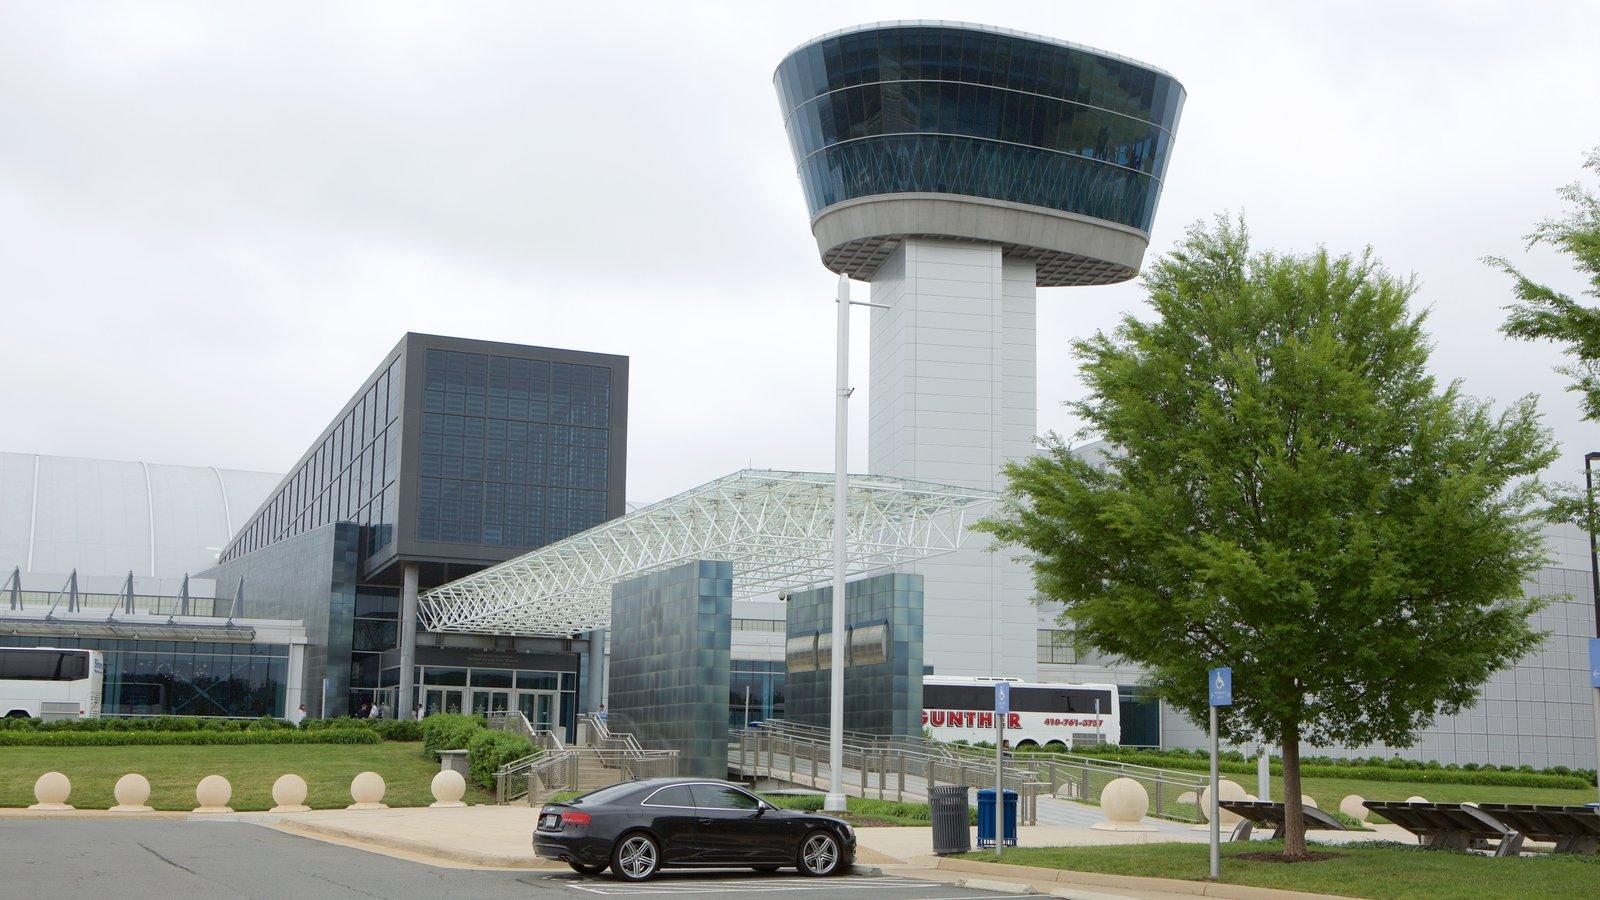 飛行機 : バージニア州の写真・画像 エクスペディア